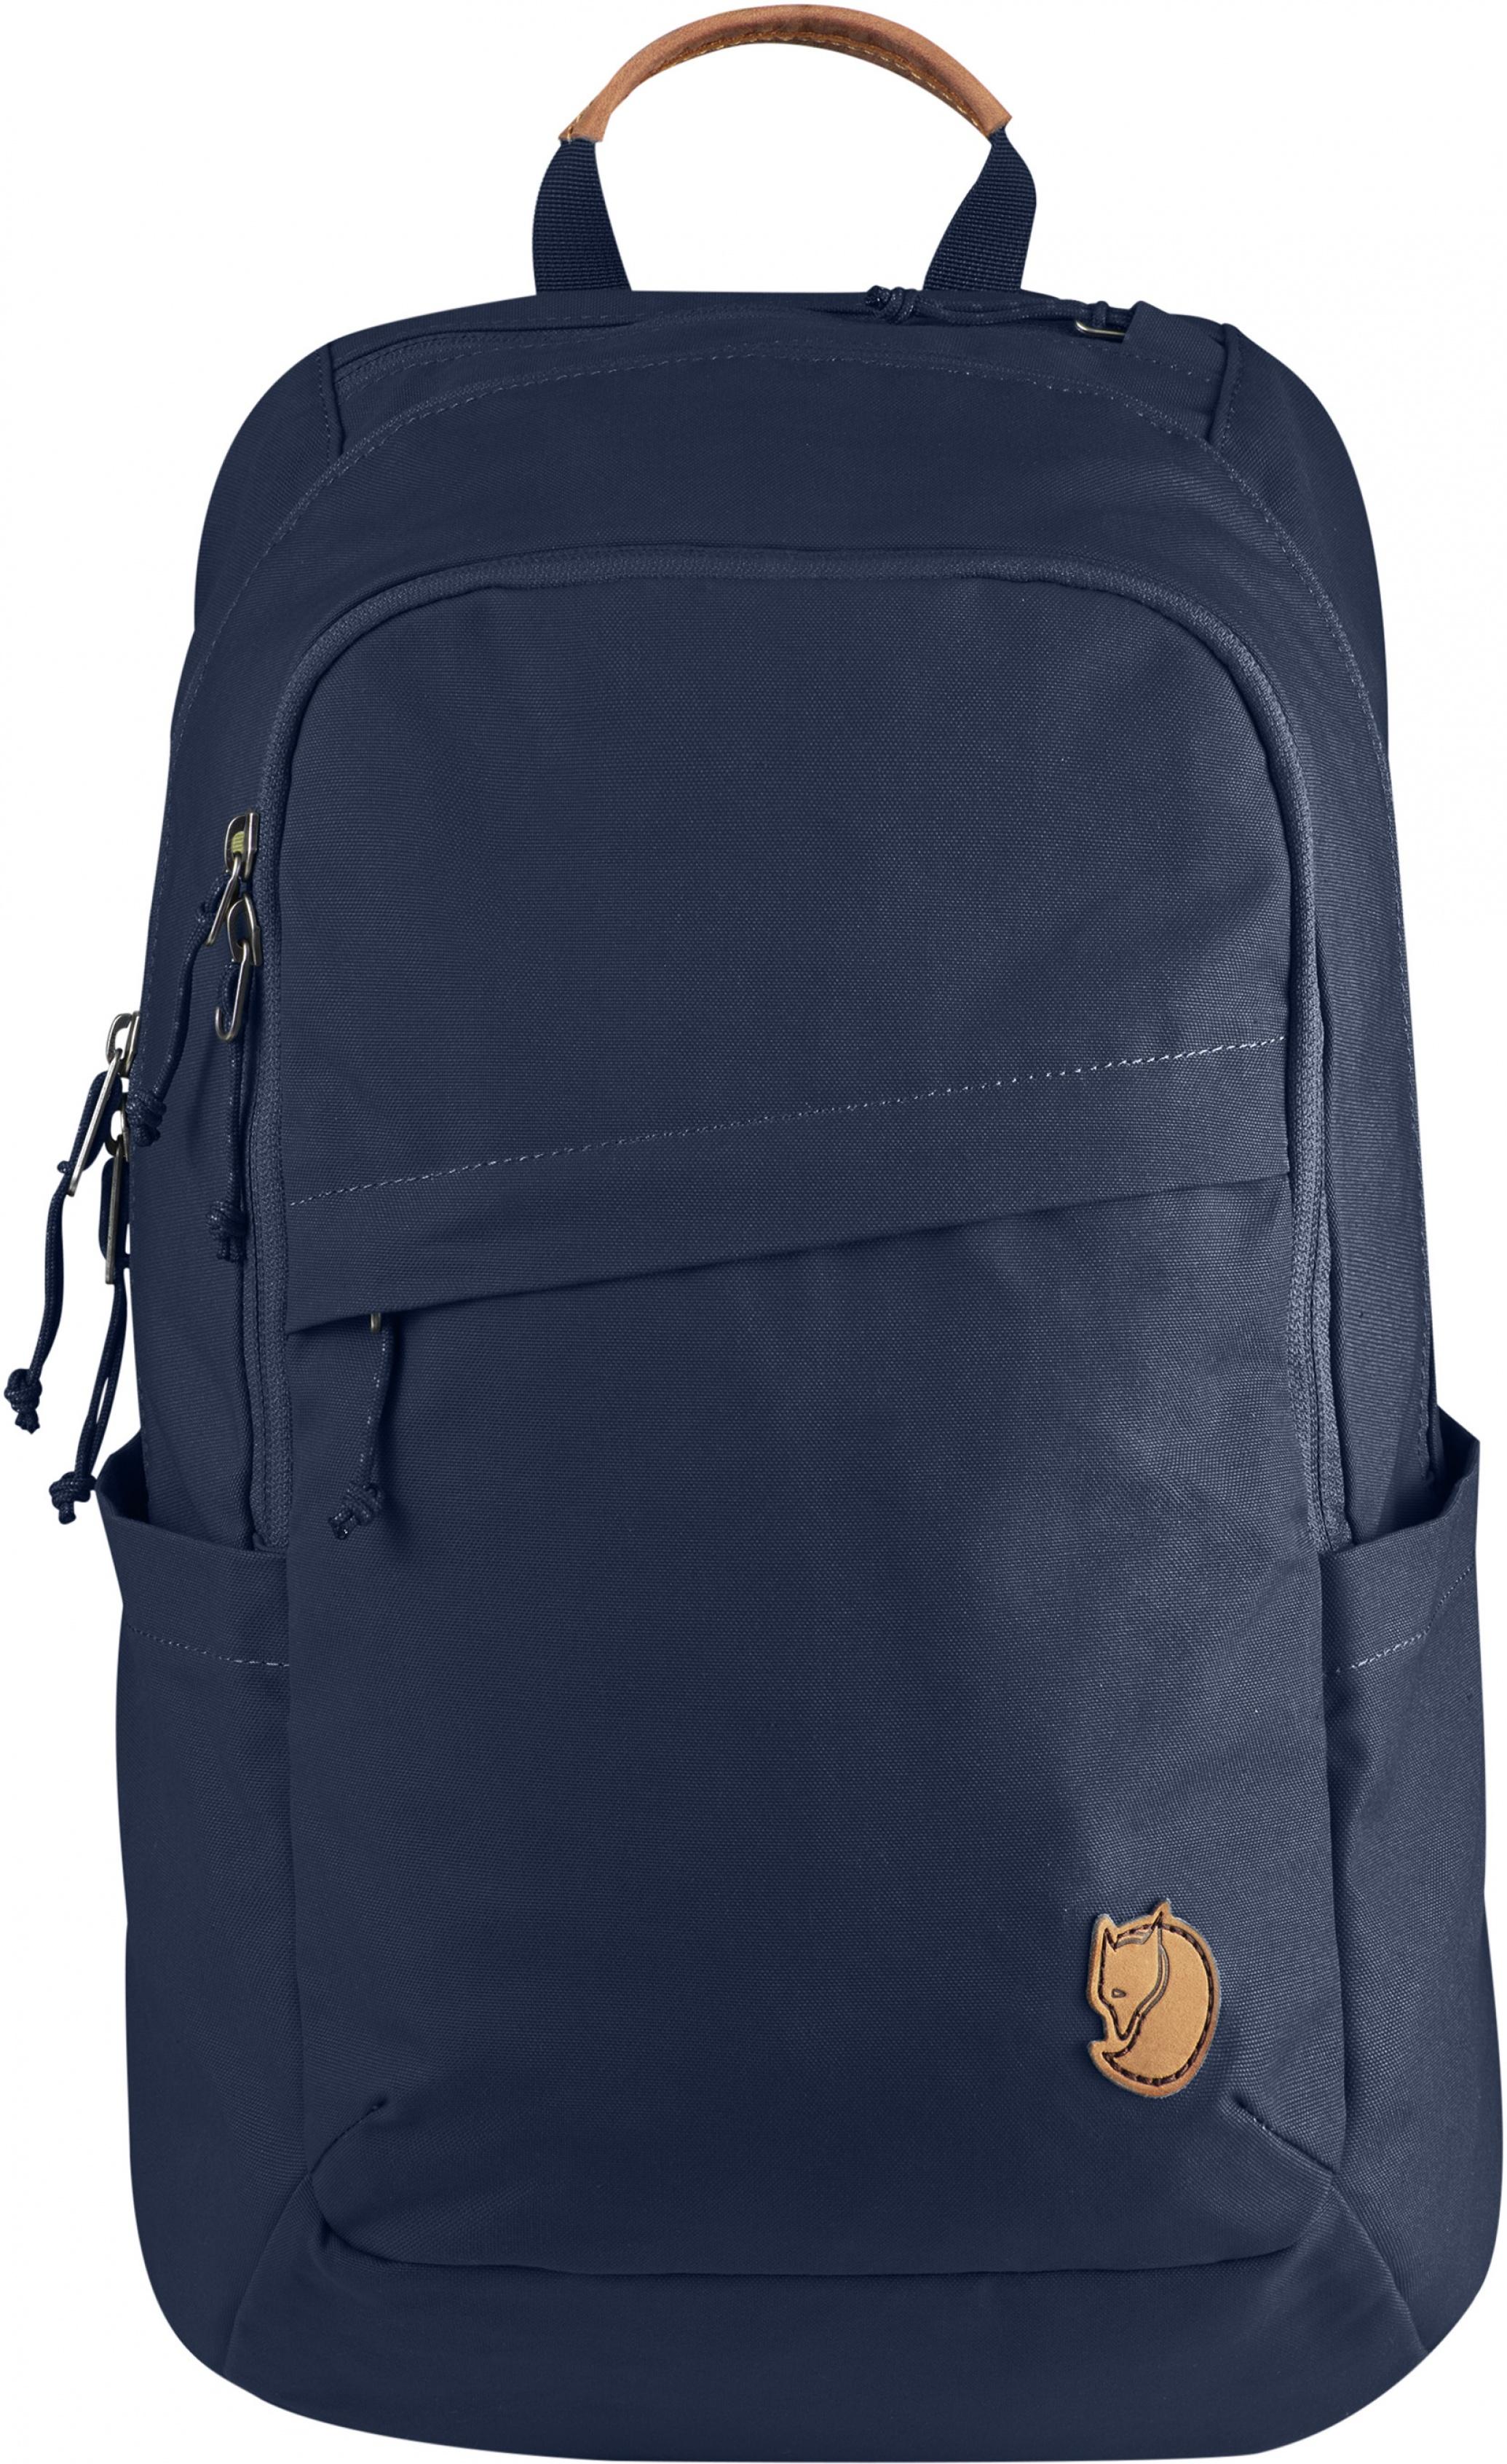 Fjallraven Raven 20 Backpack cff507ff575a5